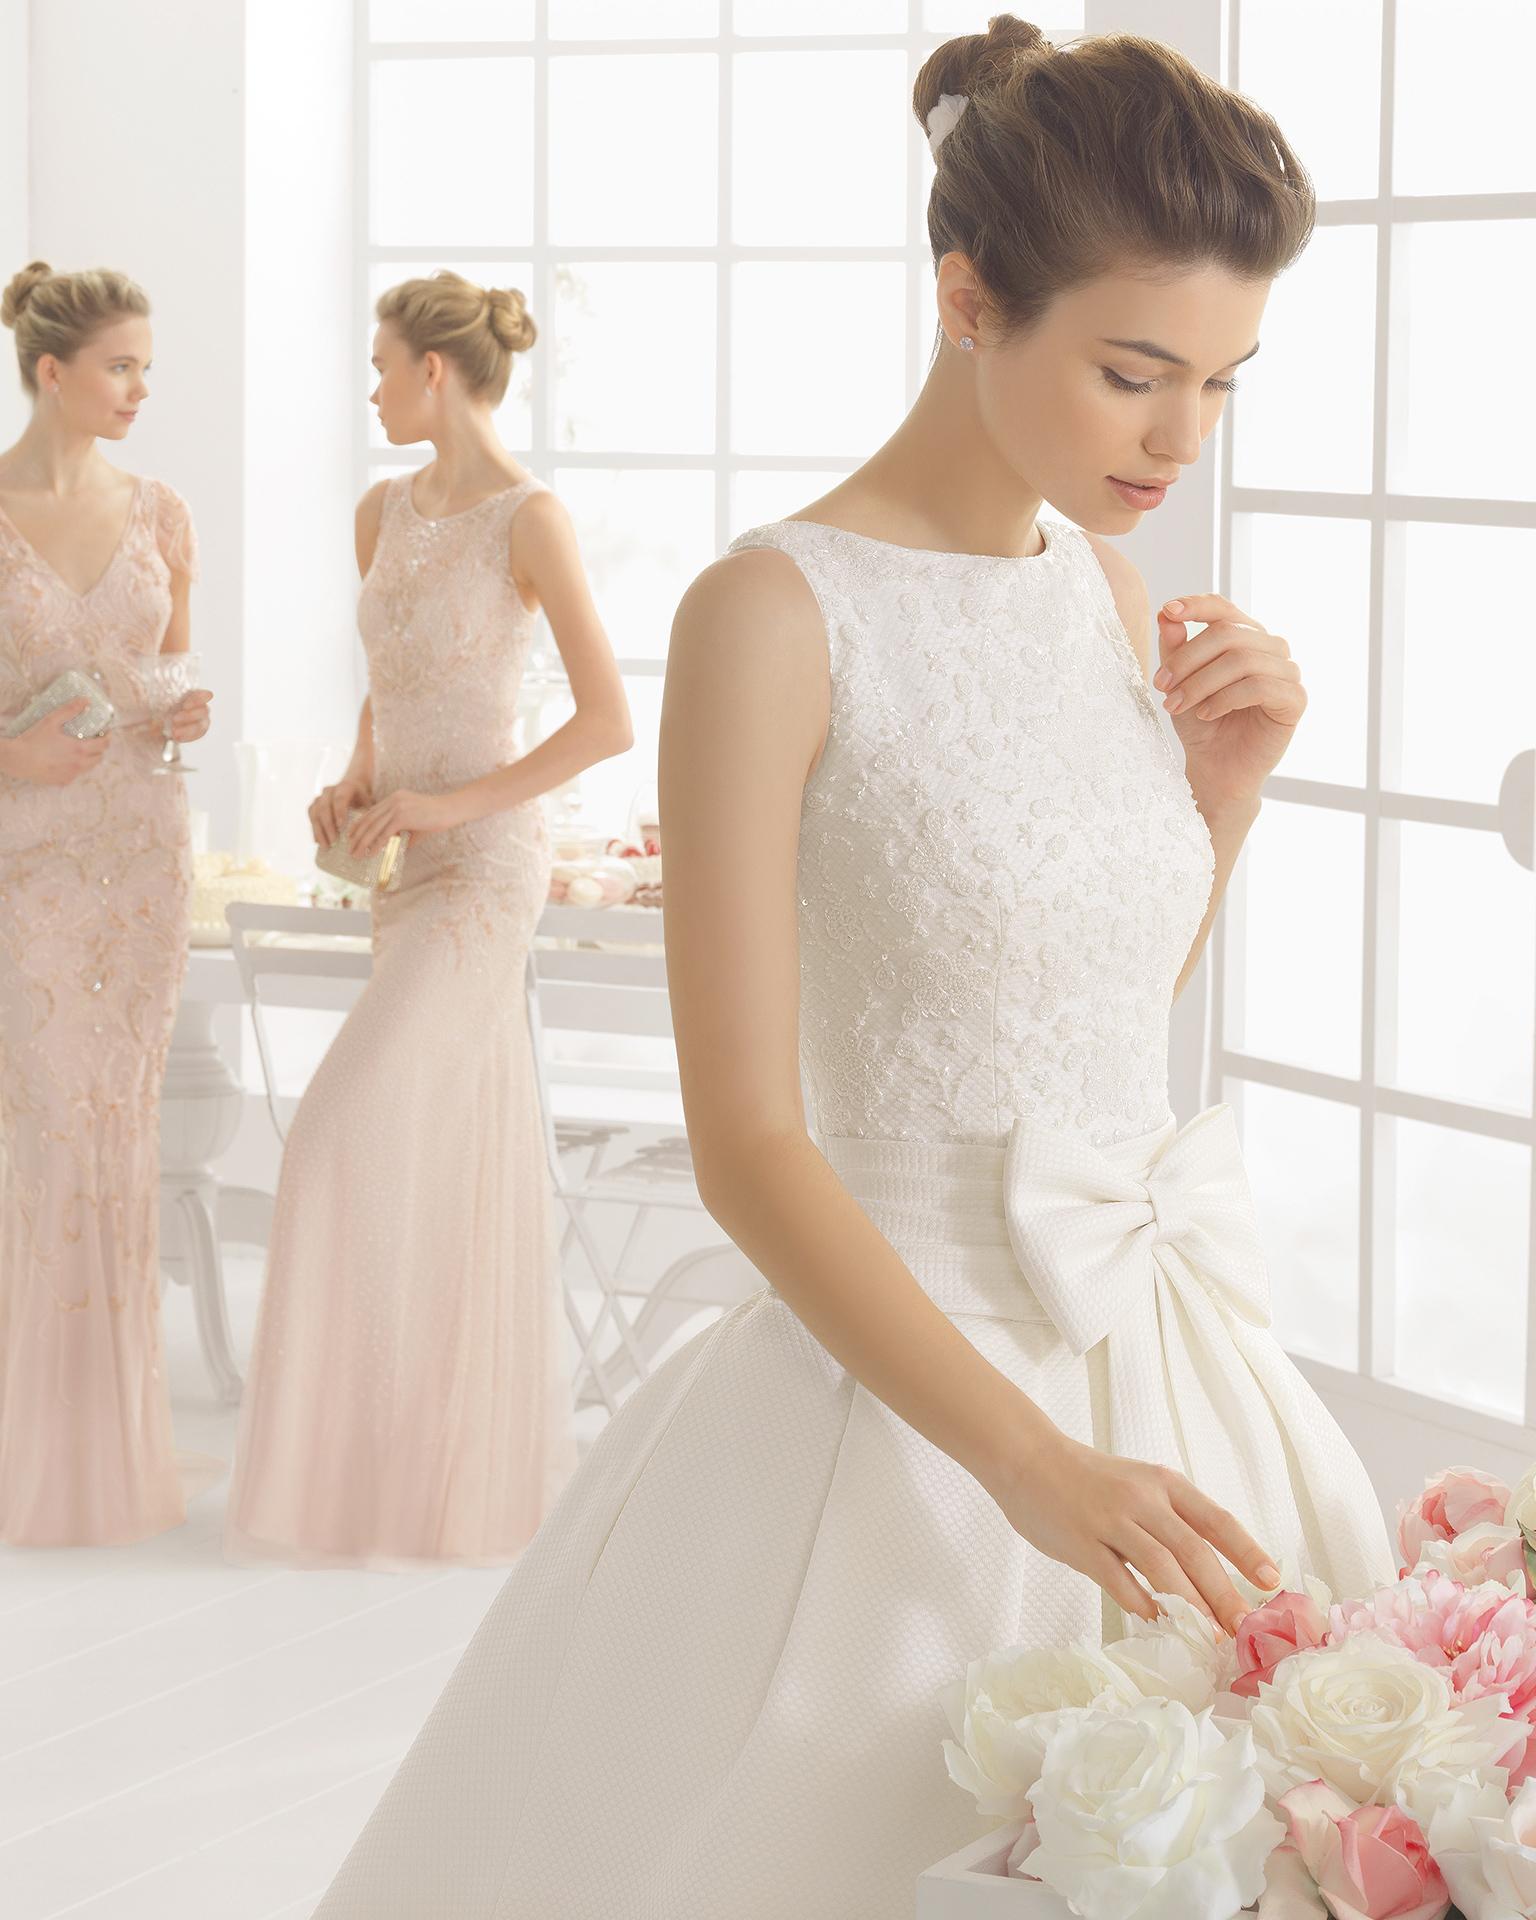 迈阿密(MIAMI)珠饰刺绣凸纹蕾丝新娘婚纱。